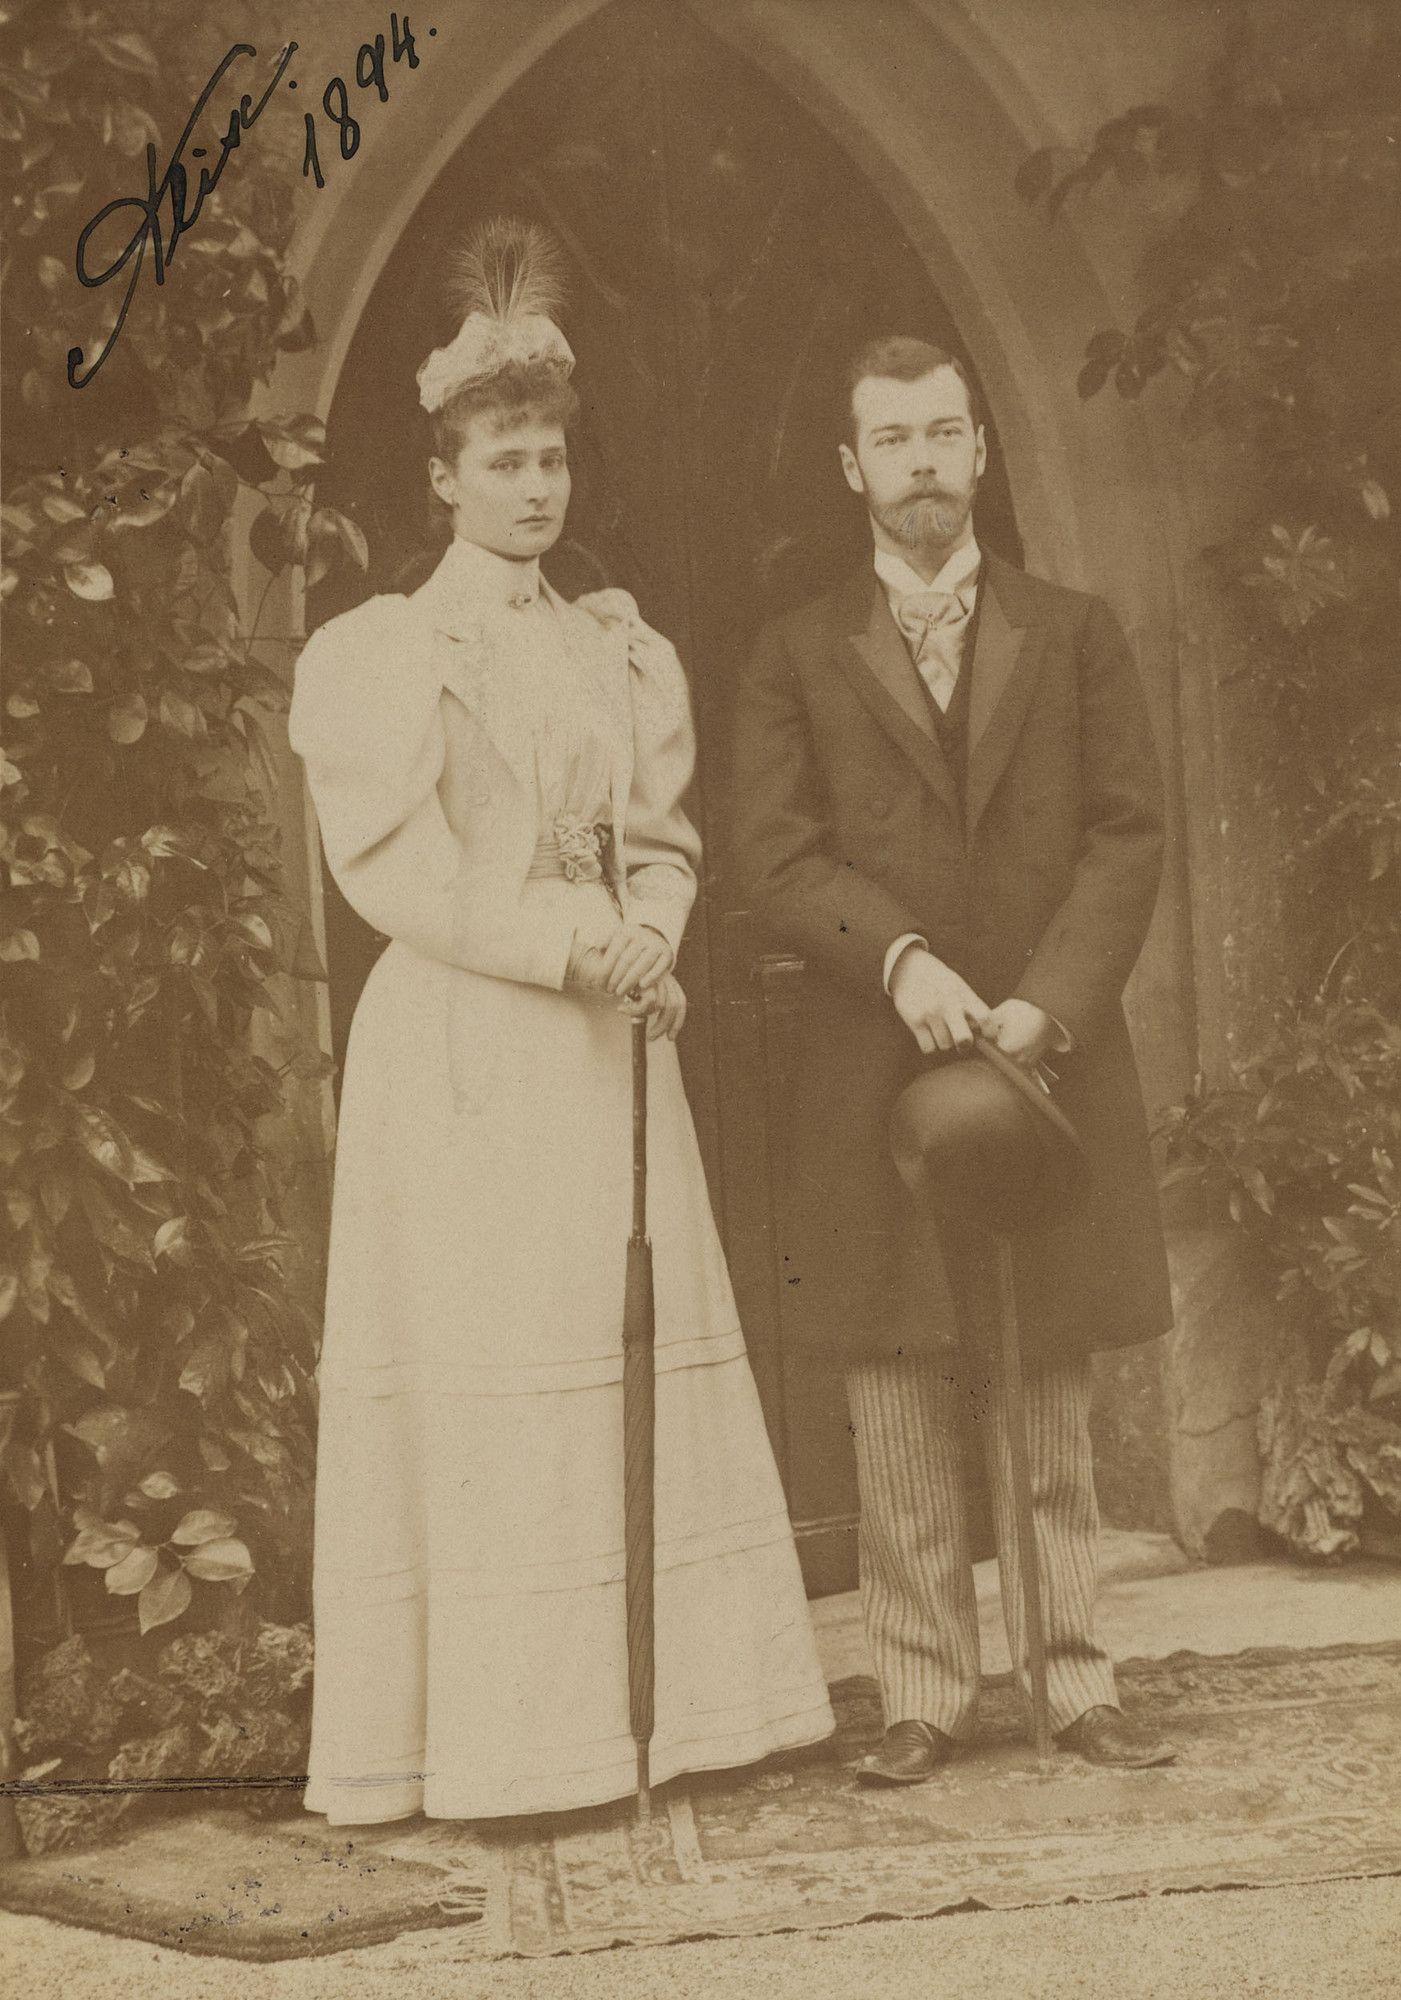 Tsarevich Nicholas está de pé à direita, segurando um chapéu e uma bengala. Princesa Alix está de pé ao lado dele, à esquerda segurando um guarda-chuva dobrado e usando um chapéu decorado com uma pena. Eles estão de pé sobre um tapete modelado e há uma porta gótica por trás deles. Esta fotografia foi tirada em Coburgo, em abril 1894, no momento do seu noivado, que ocorreu durante as celebrações do casamento de sua prima mútua Princesa Victoria Melita.